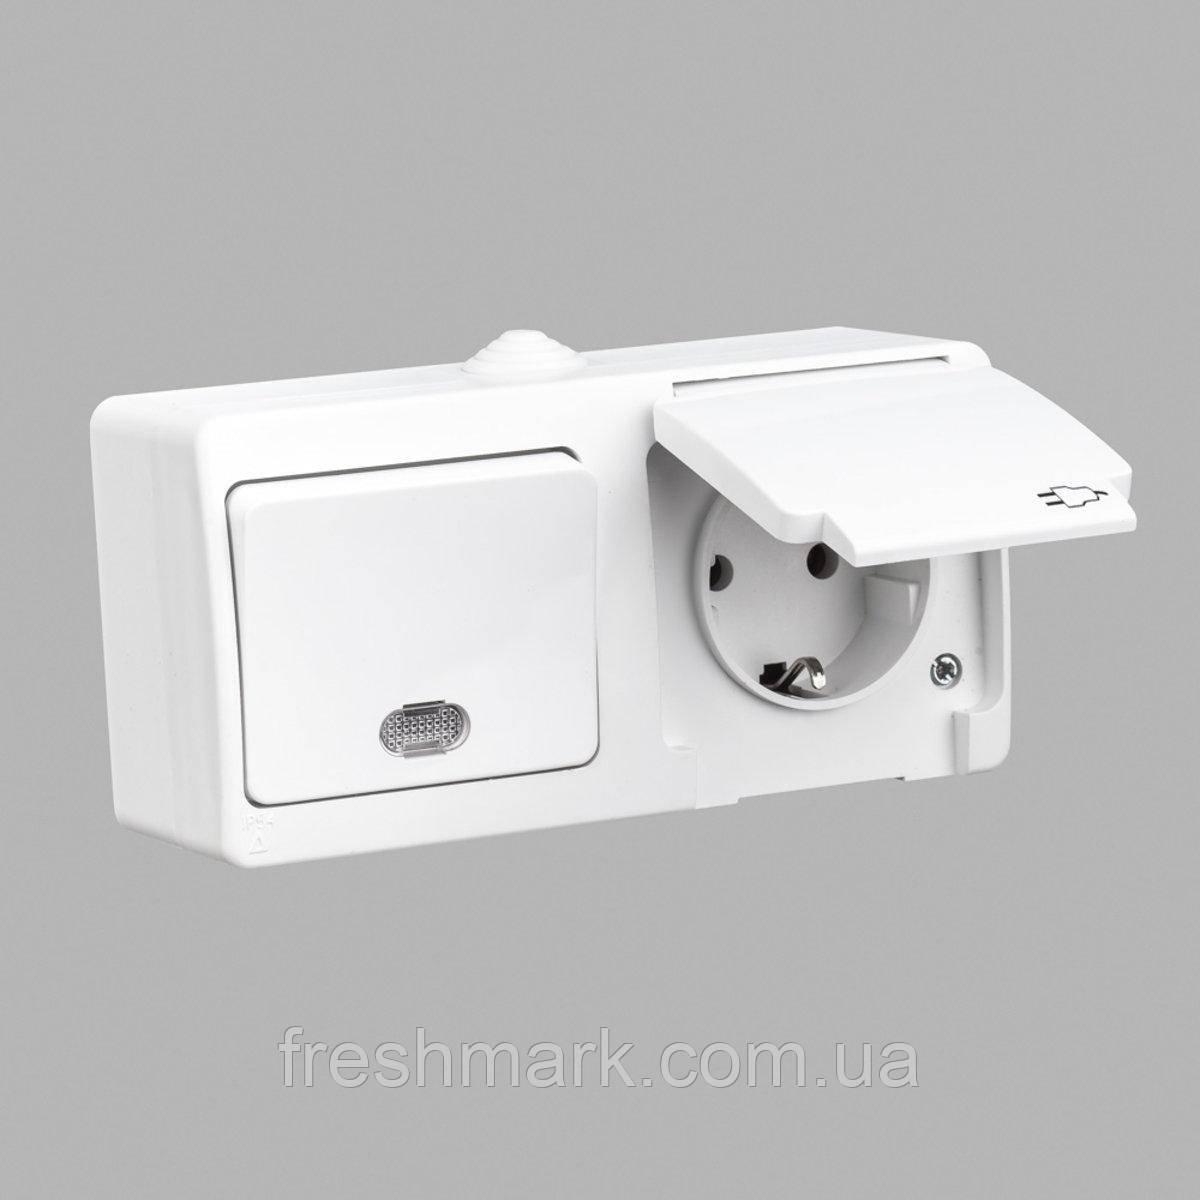 Блок выключатель одноклавишный проходной с подсветкой + розетка с заземлением GUNSAN Nemliyer влагозащищенный